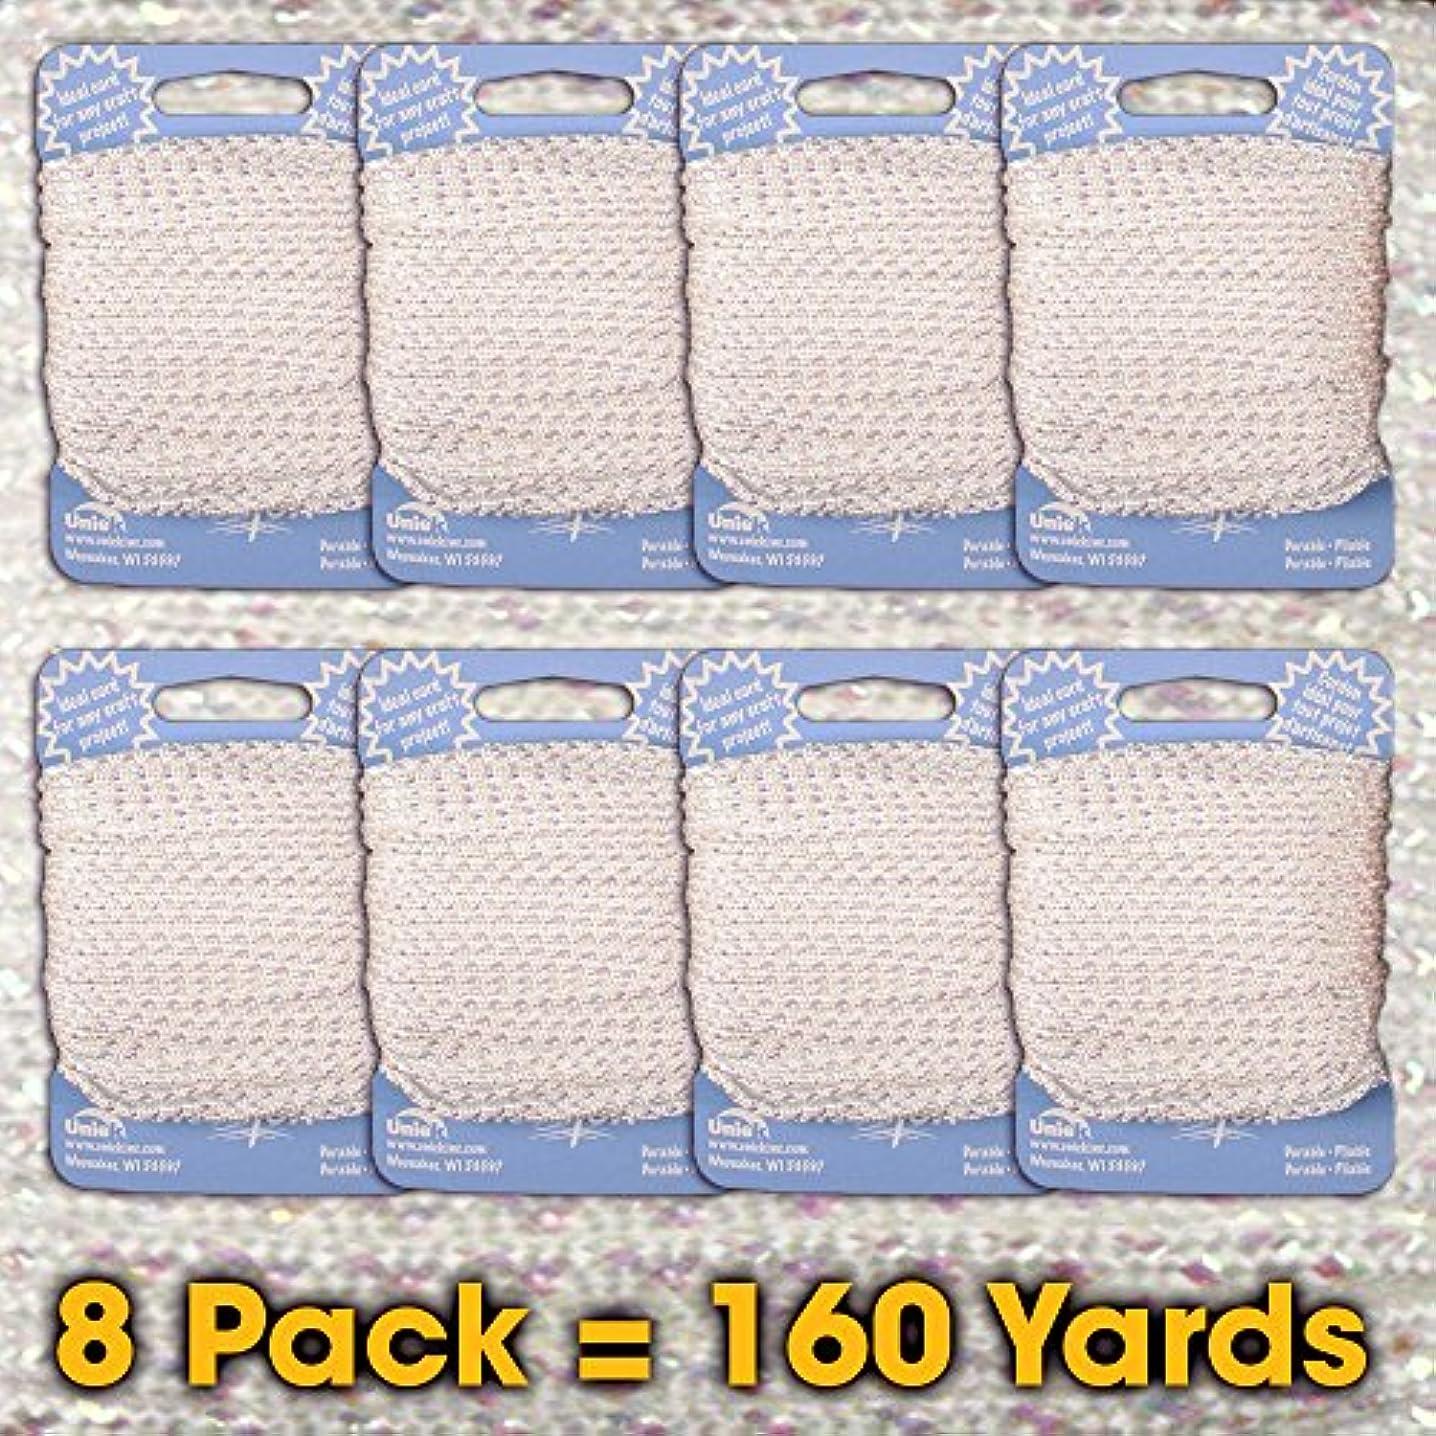 #33 Iridescent White - Needloft Craft Cord 8 Pack 160 Yards (8x20yds)